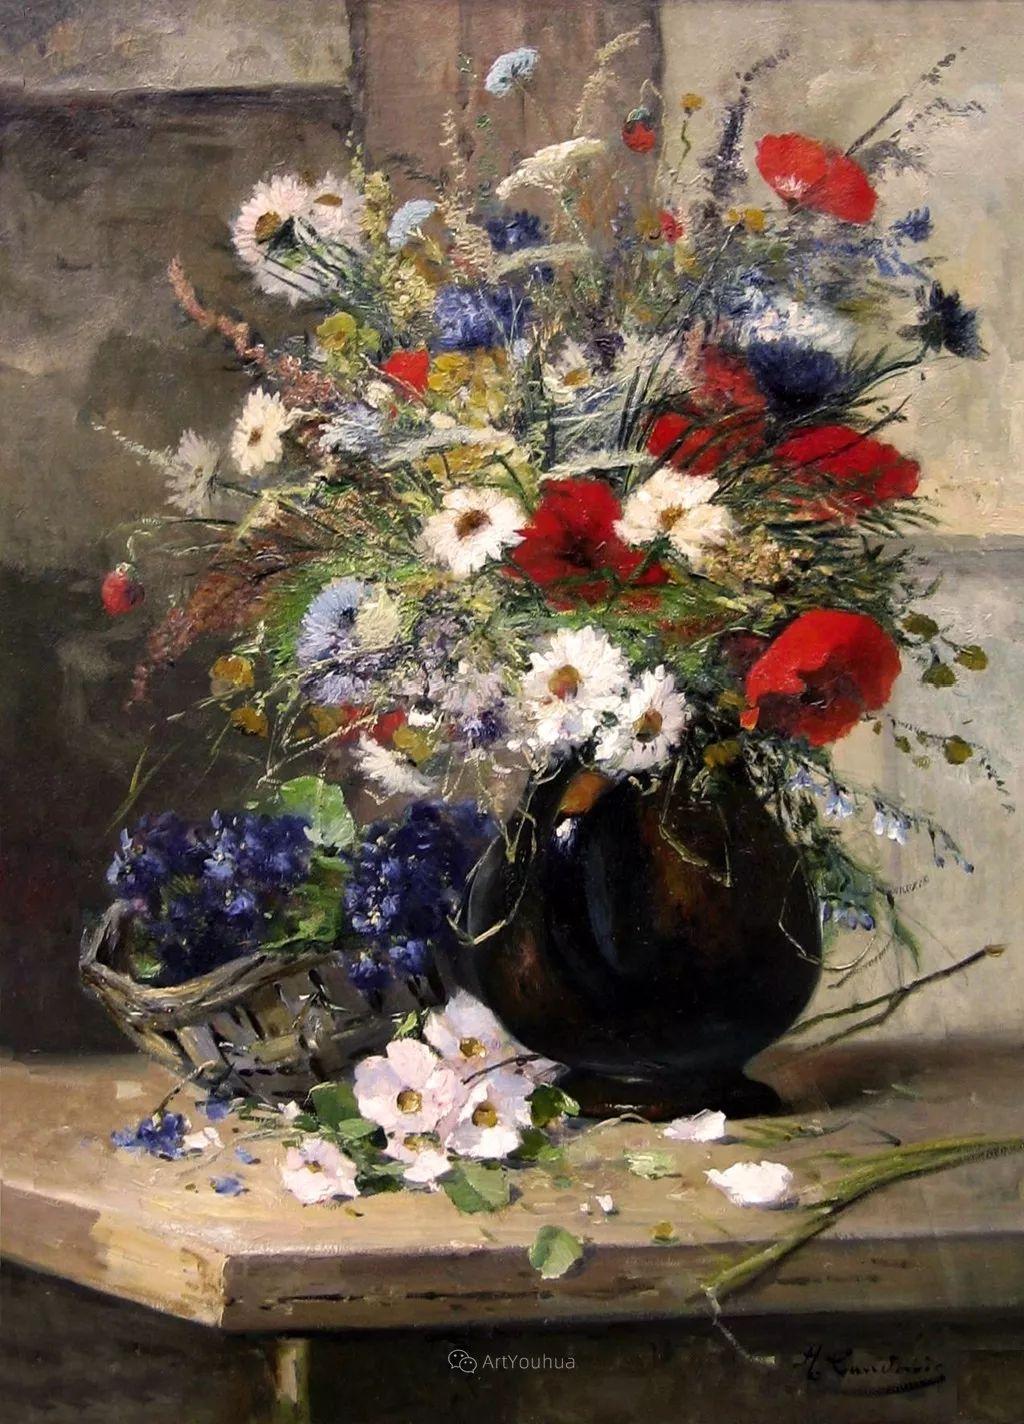 花卉的绽放之美,法国艺术家Eugene Henri Cauchois插图27